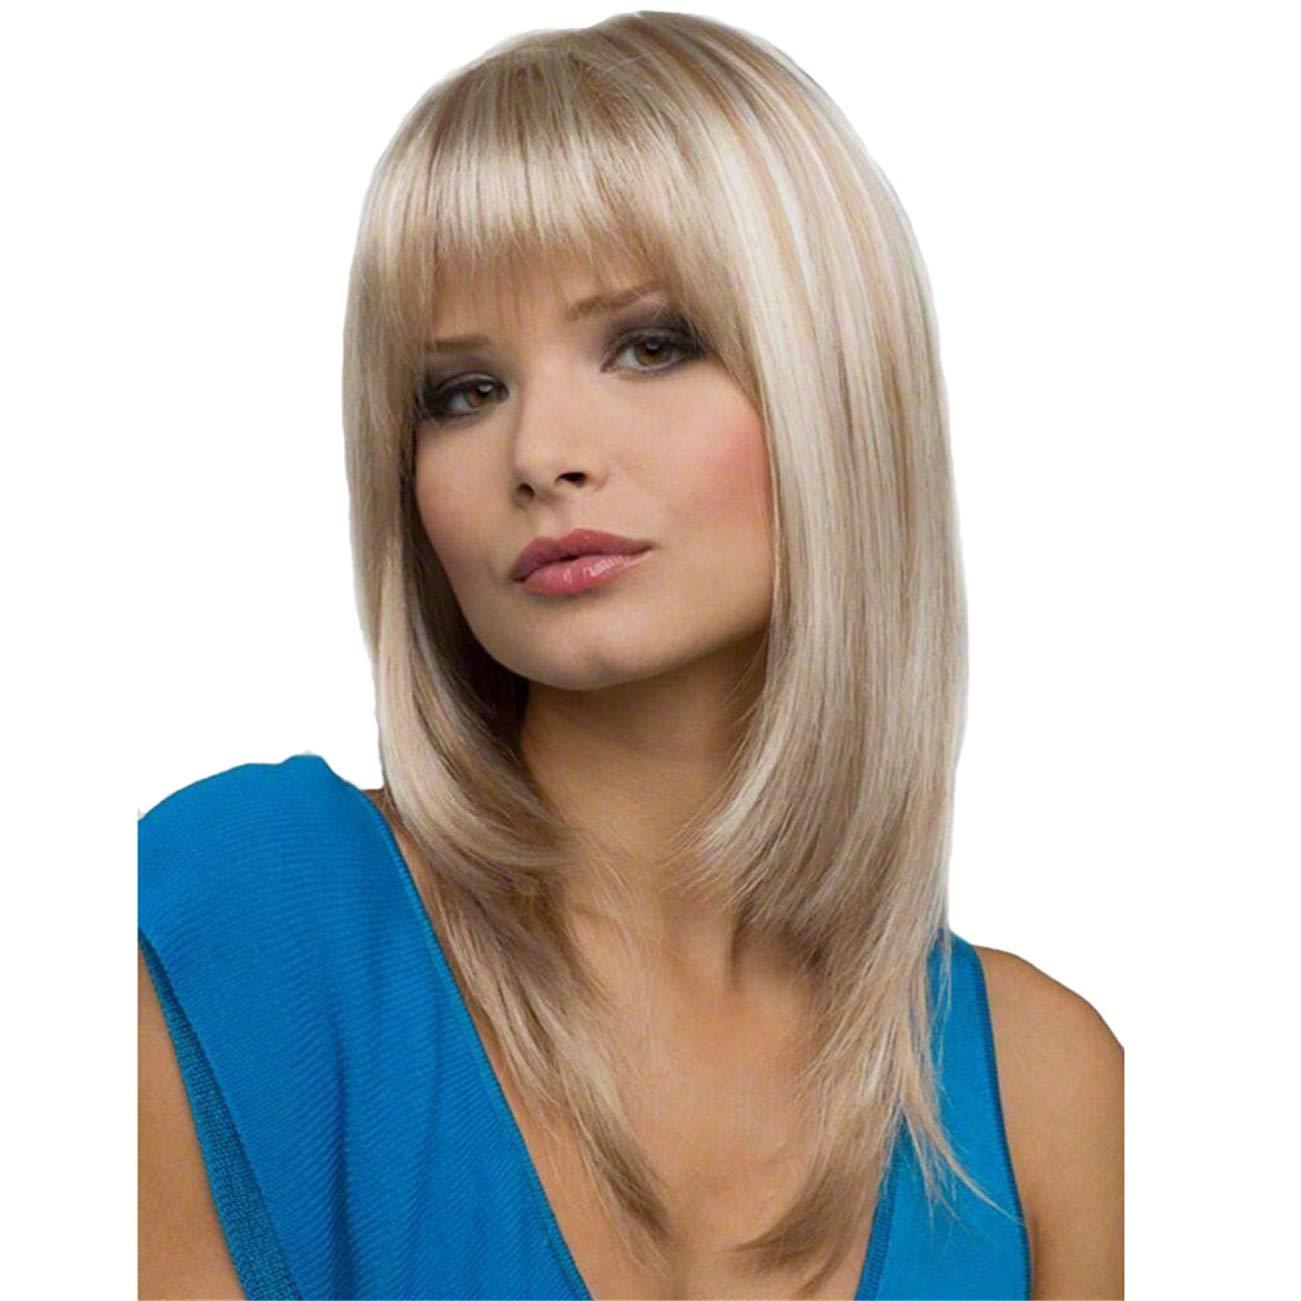 Parrucche Donna Capelli Veri Lunghi Lisci Bianchi Wig Per Feste Cosplay Party Daily Life Di Colore Partito Viaggio Shopping Parrucca Bianco